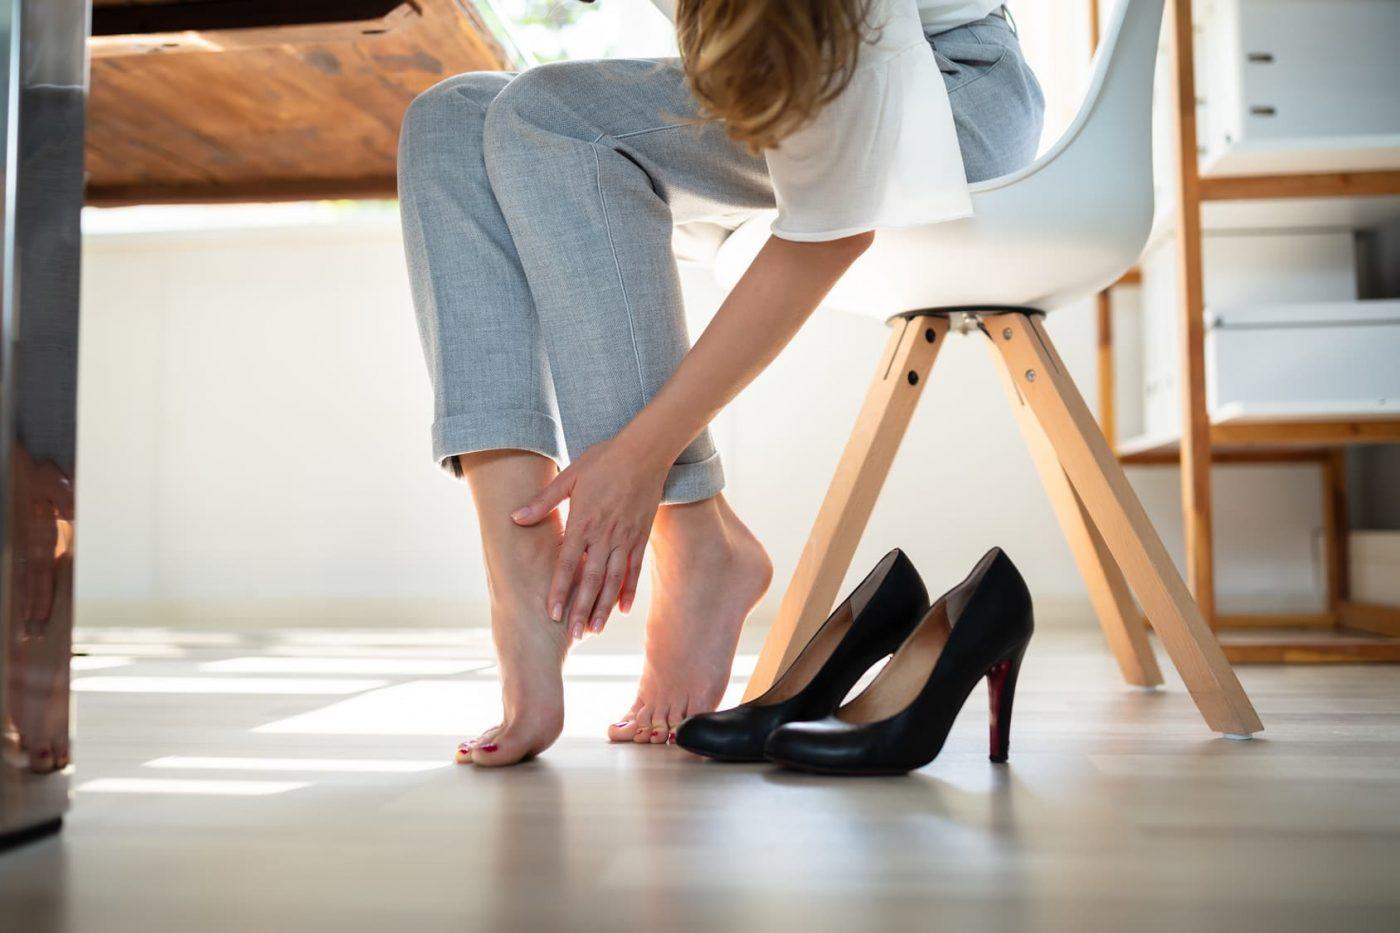 Jak zabezpieczyć stopy przed obtarciami?